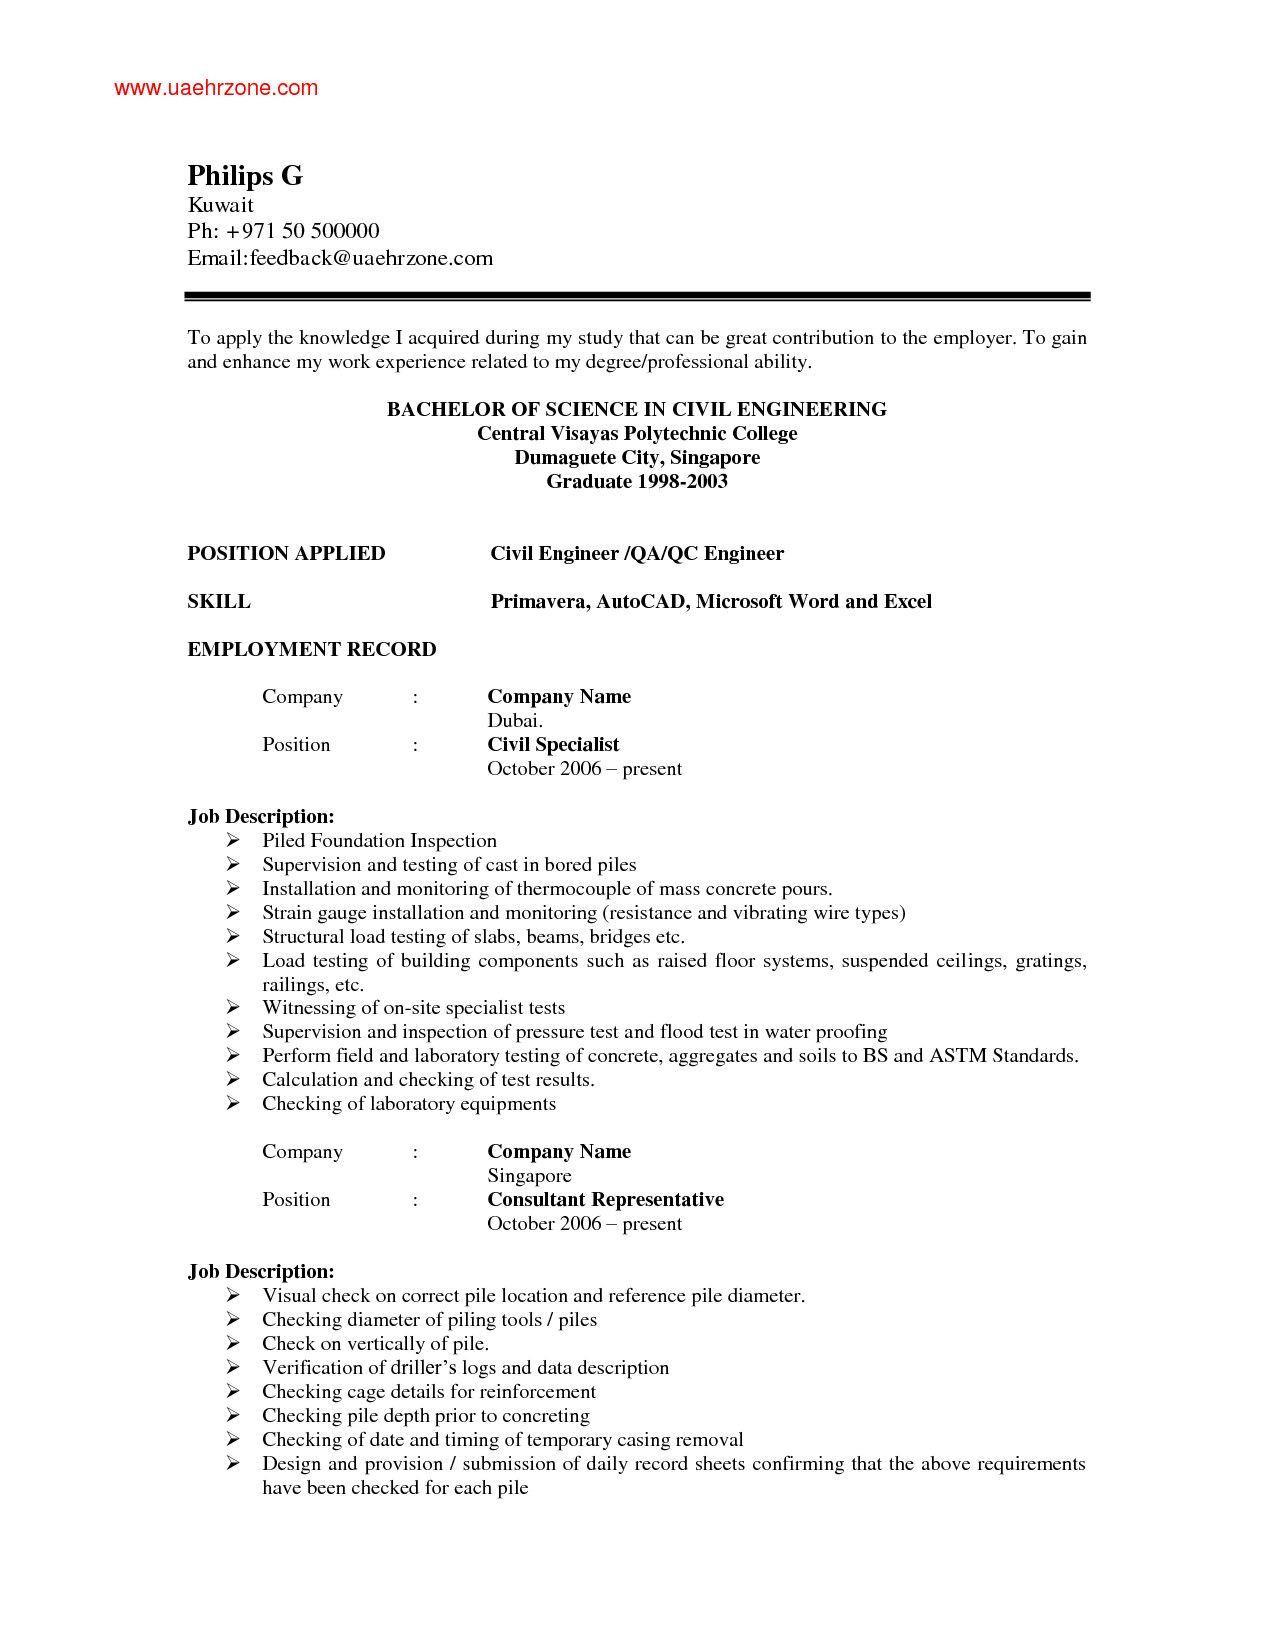 Sample Resume for Civil Engineer Fresh Graduate In Philippines Civil Engineer Resume Graduate Best Resume Ideas